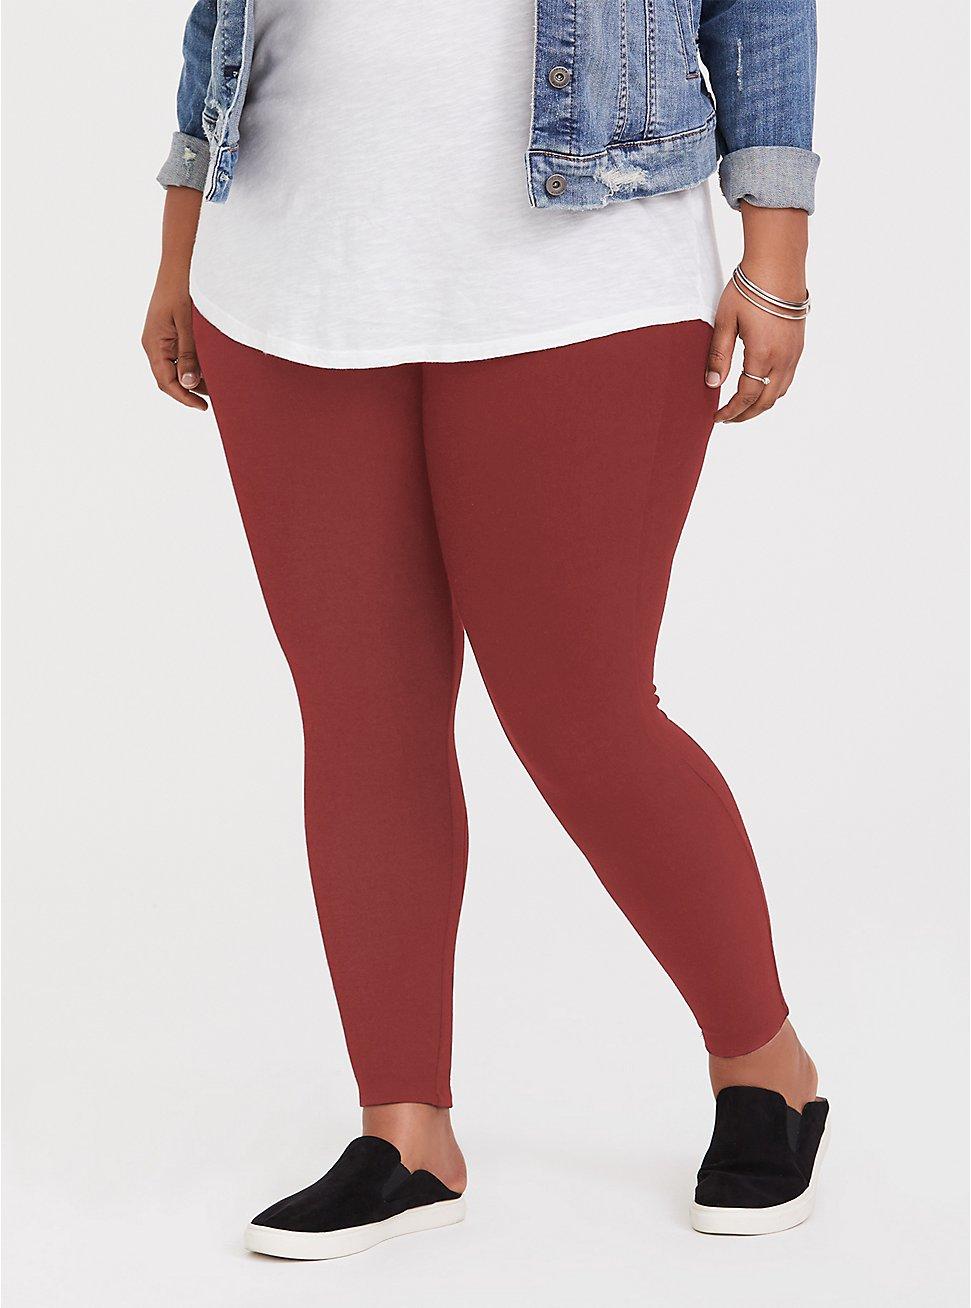 Premium Legging - Brick Red, BROWN, hi-res